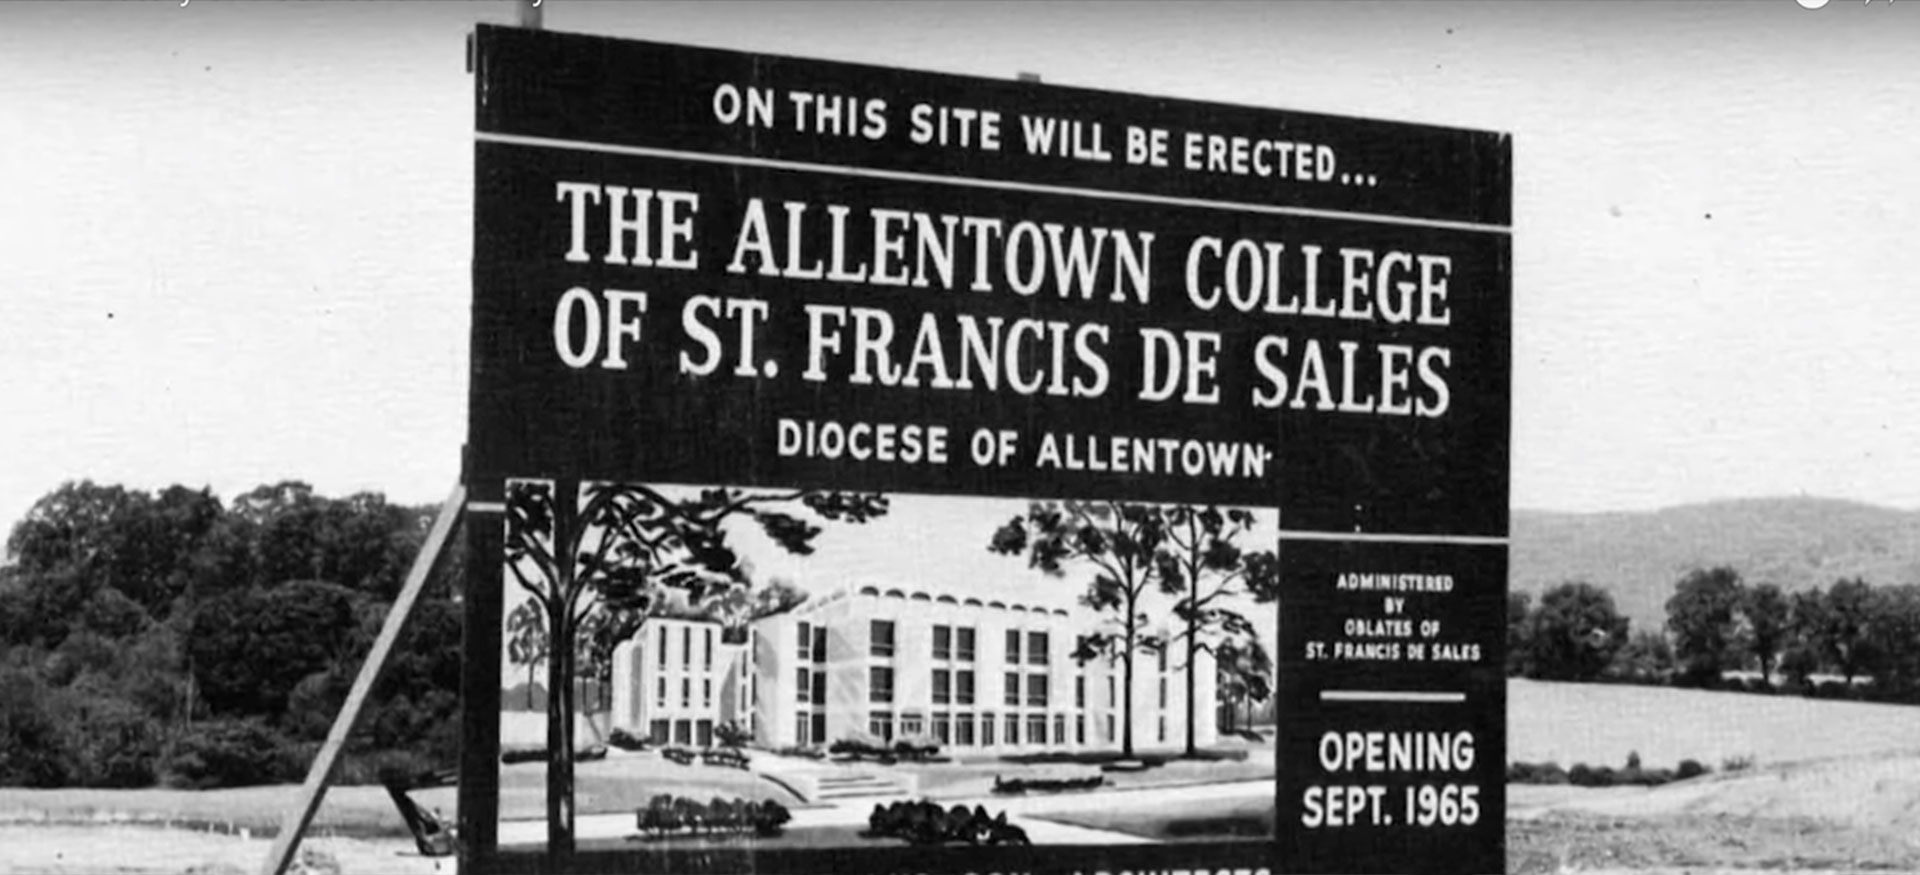 Future Site of Allentown College St. Francis de Sales